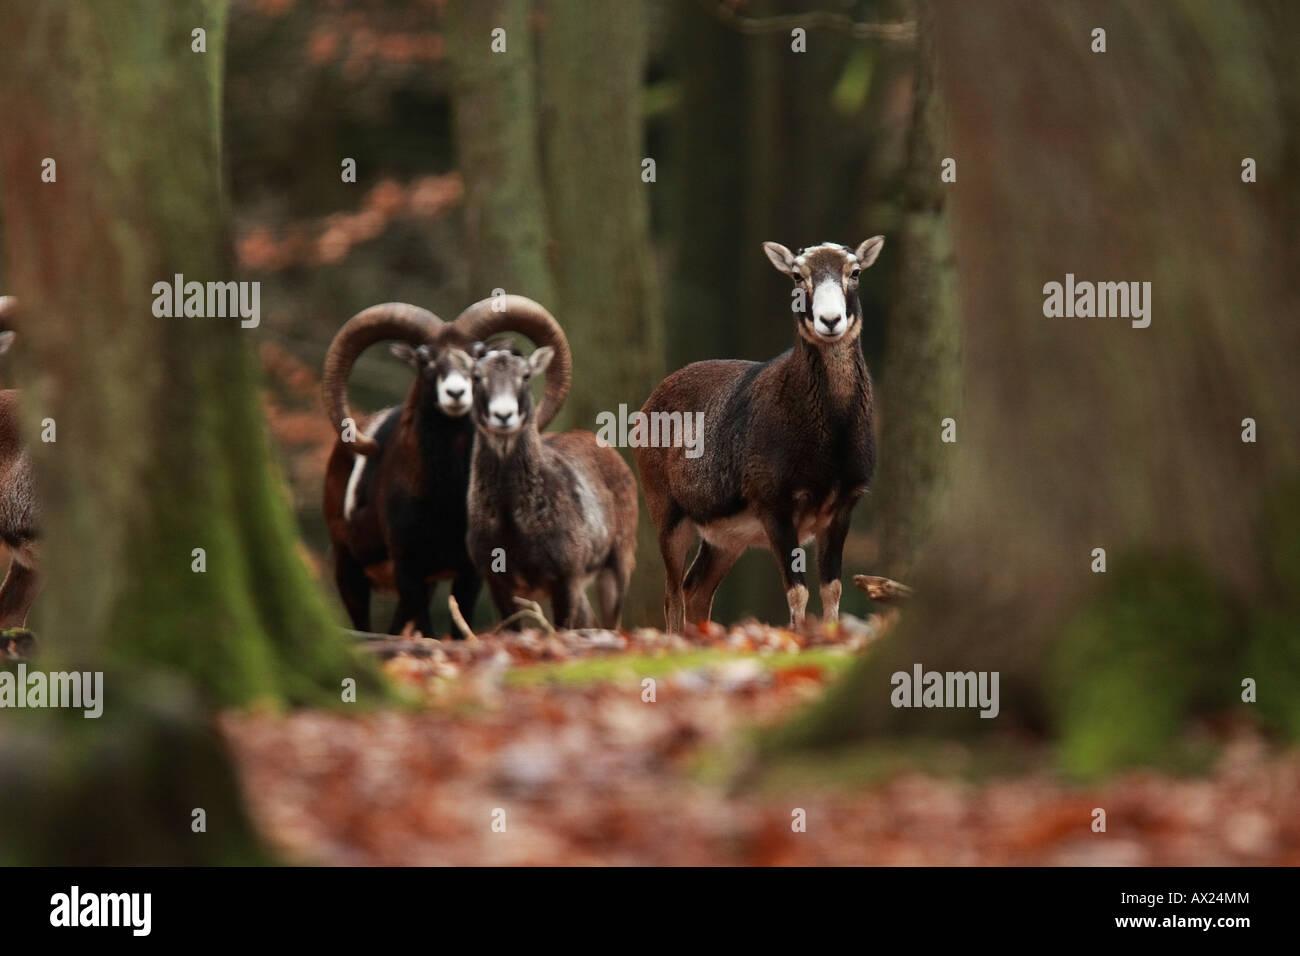 European Mouflons (Ovis ammon musimon, Ovis gmelini musimon, Ovis orientalis musimon) - Stock Image